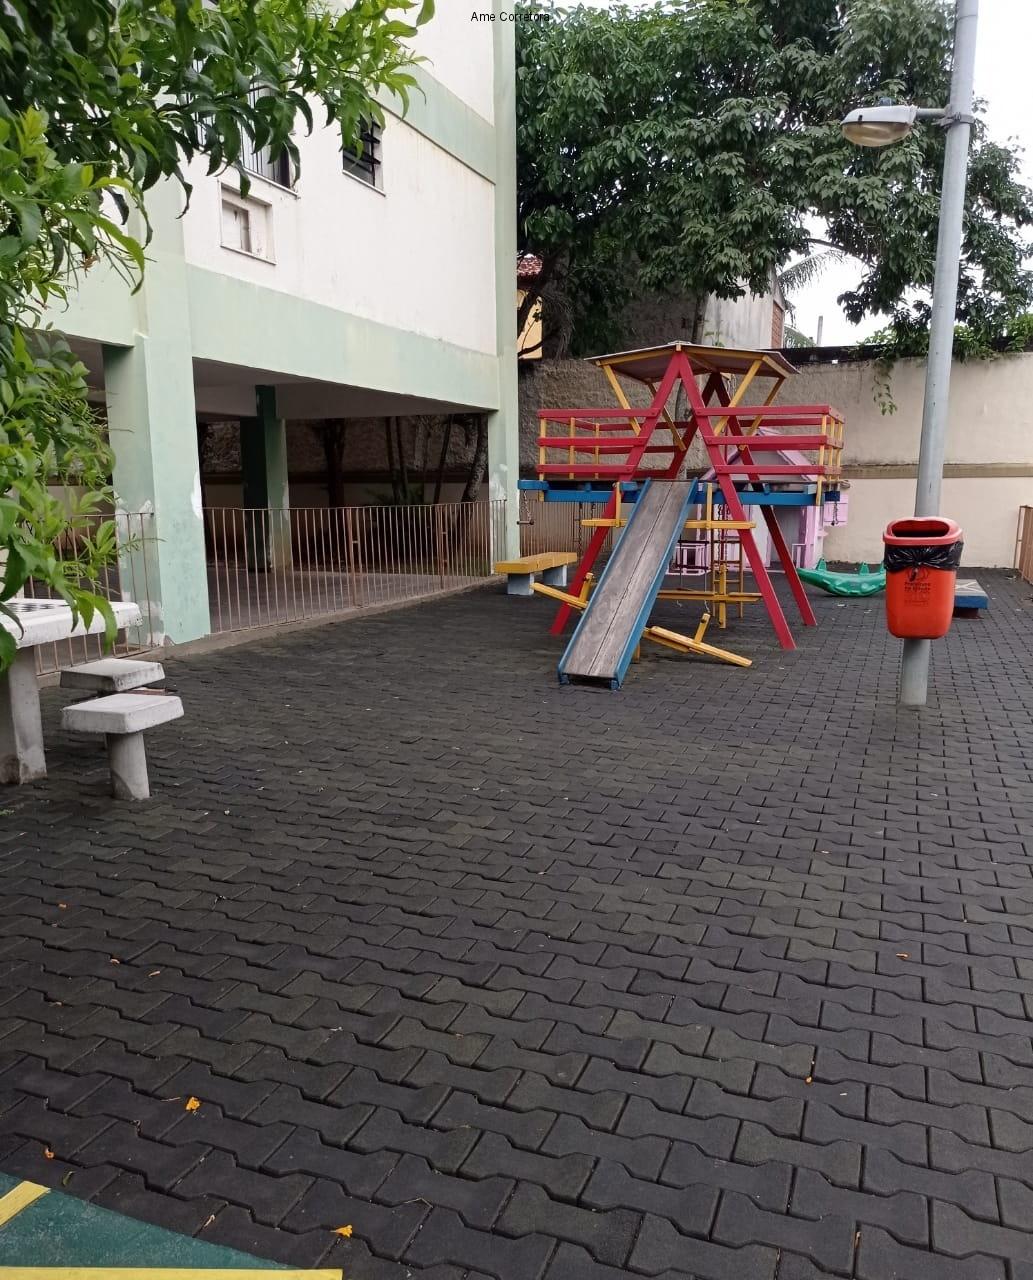 FOTO 08 - Apartamento 2 quartos à venda Taquara, Rio de Janeiro - R$ 220.000 - AP00416 - 9